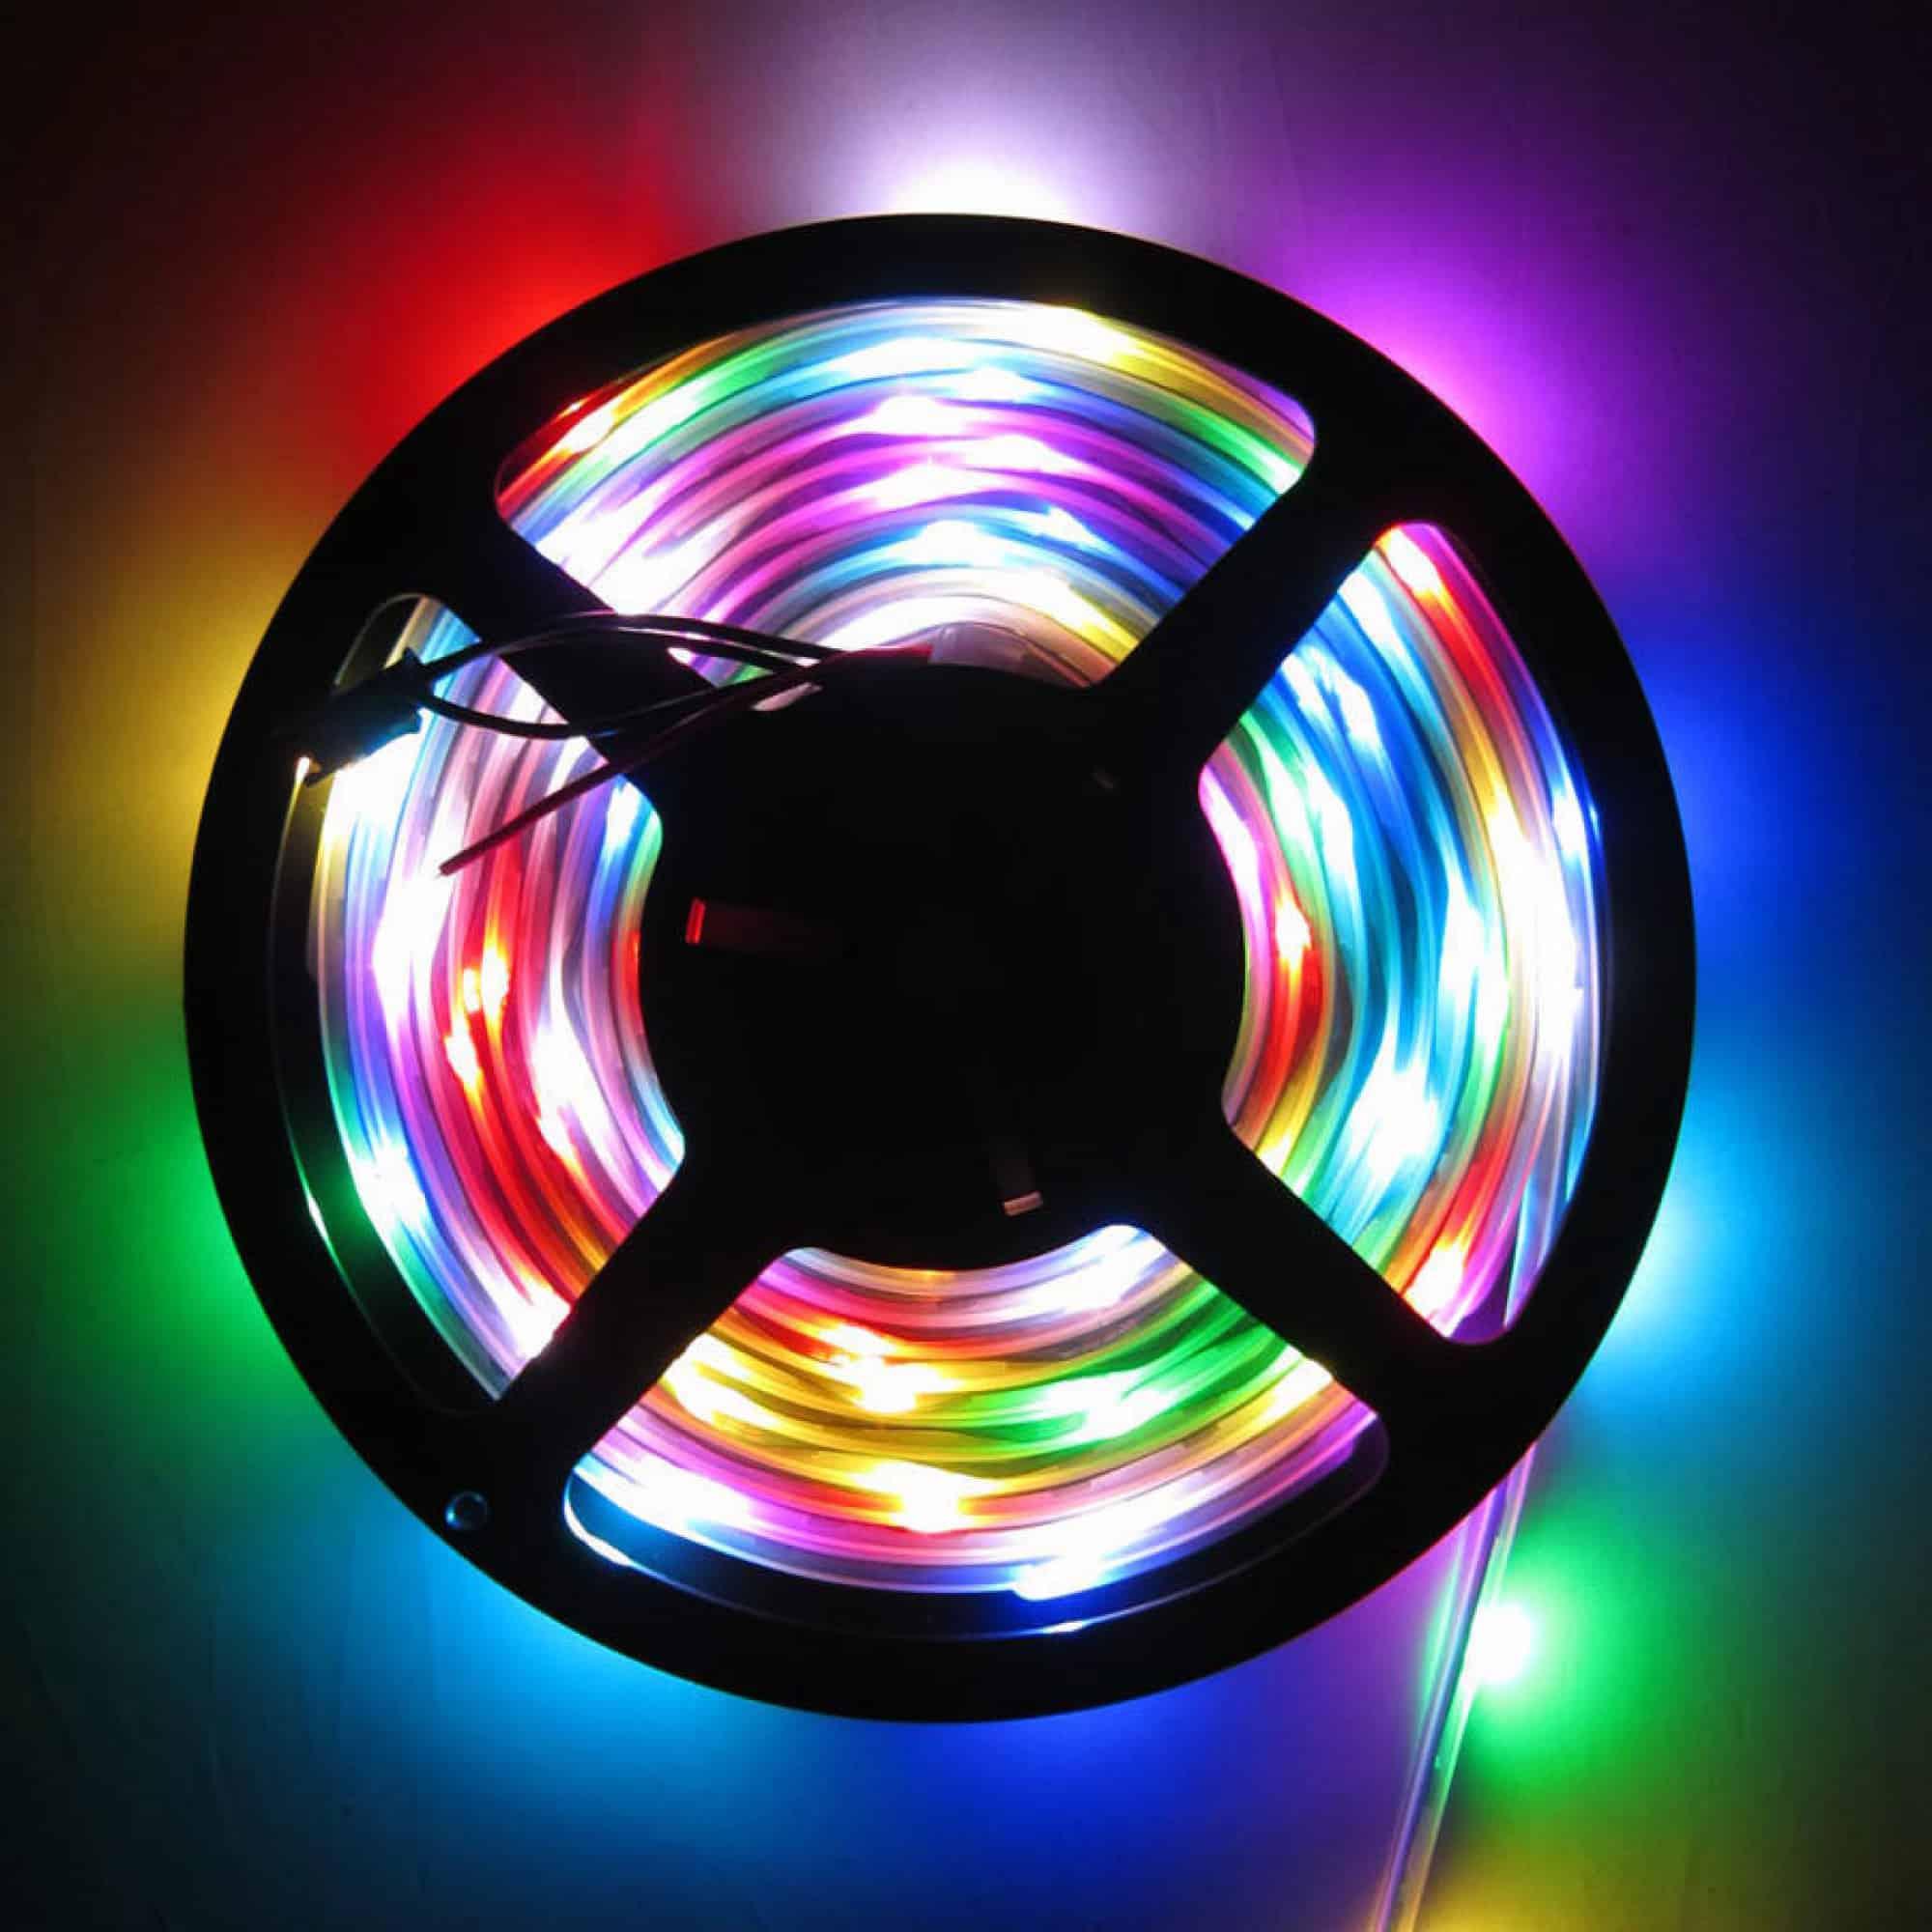 Виды светодиодных лент | Светодиодная лента под натяжным потолком